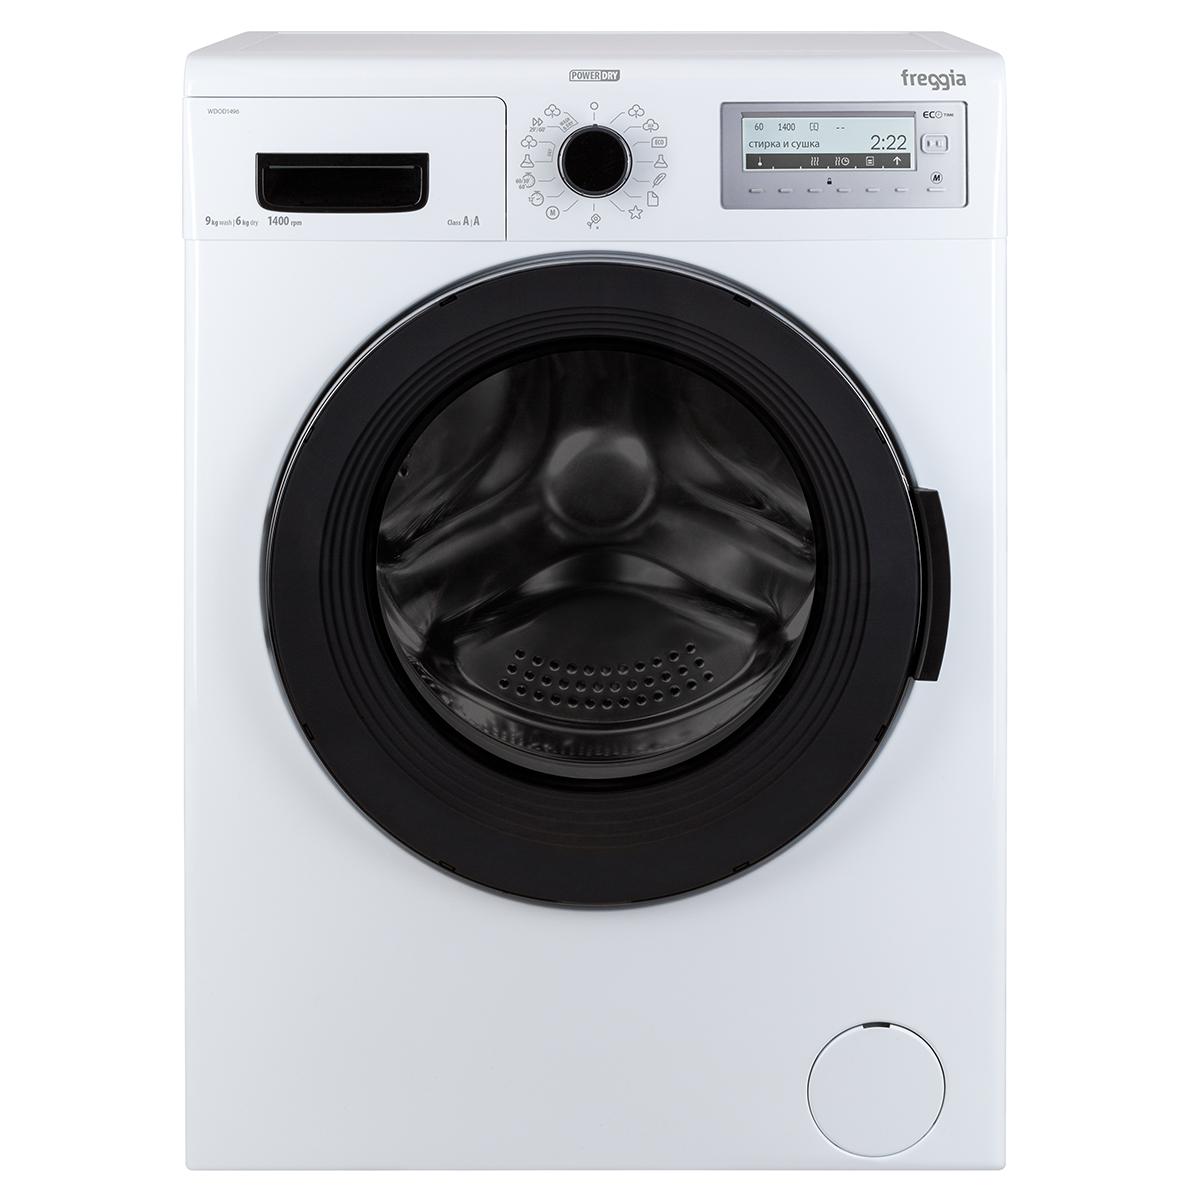 стиральная машина с черной крышкой